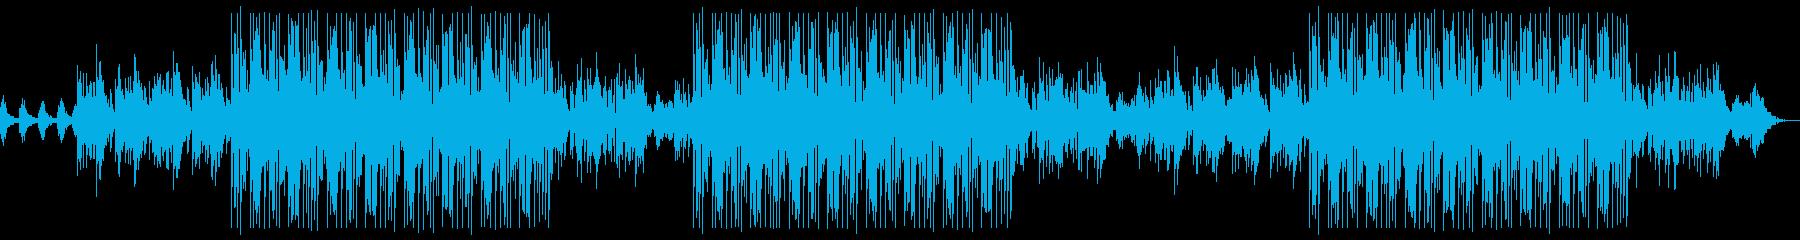 和風座禅マインドフルネスなトラップビートの再生済みの波形